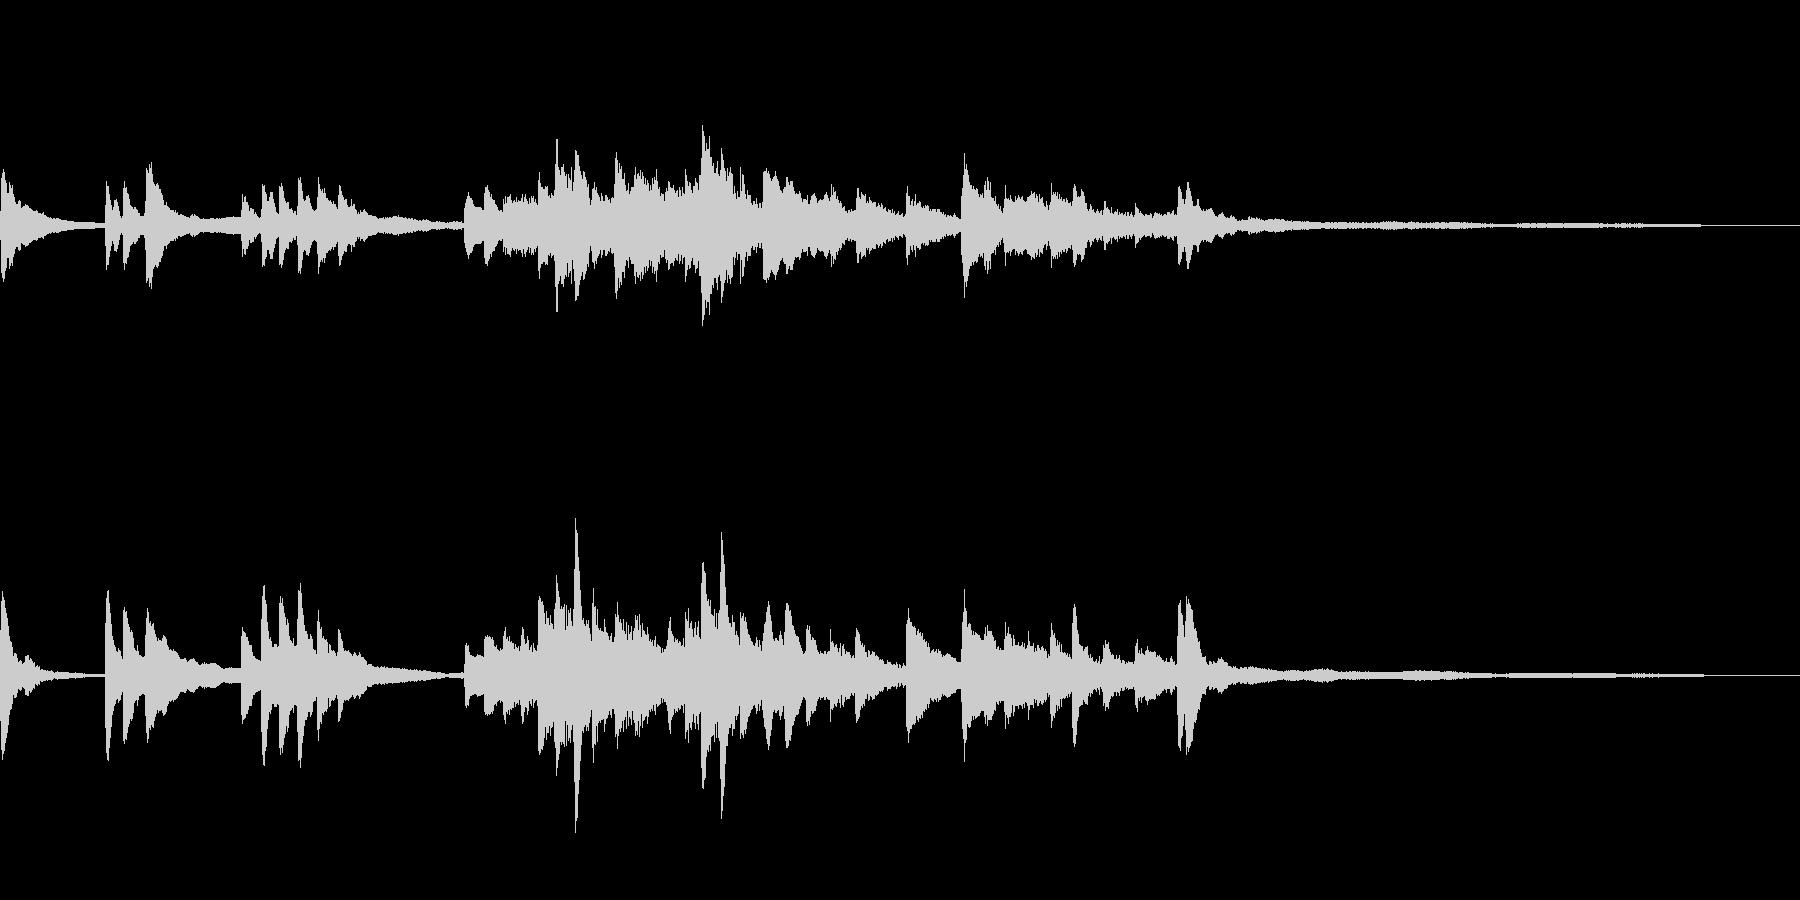 和風のジングル13-ピアノソロの未再生の波形